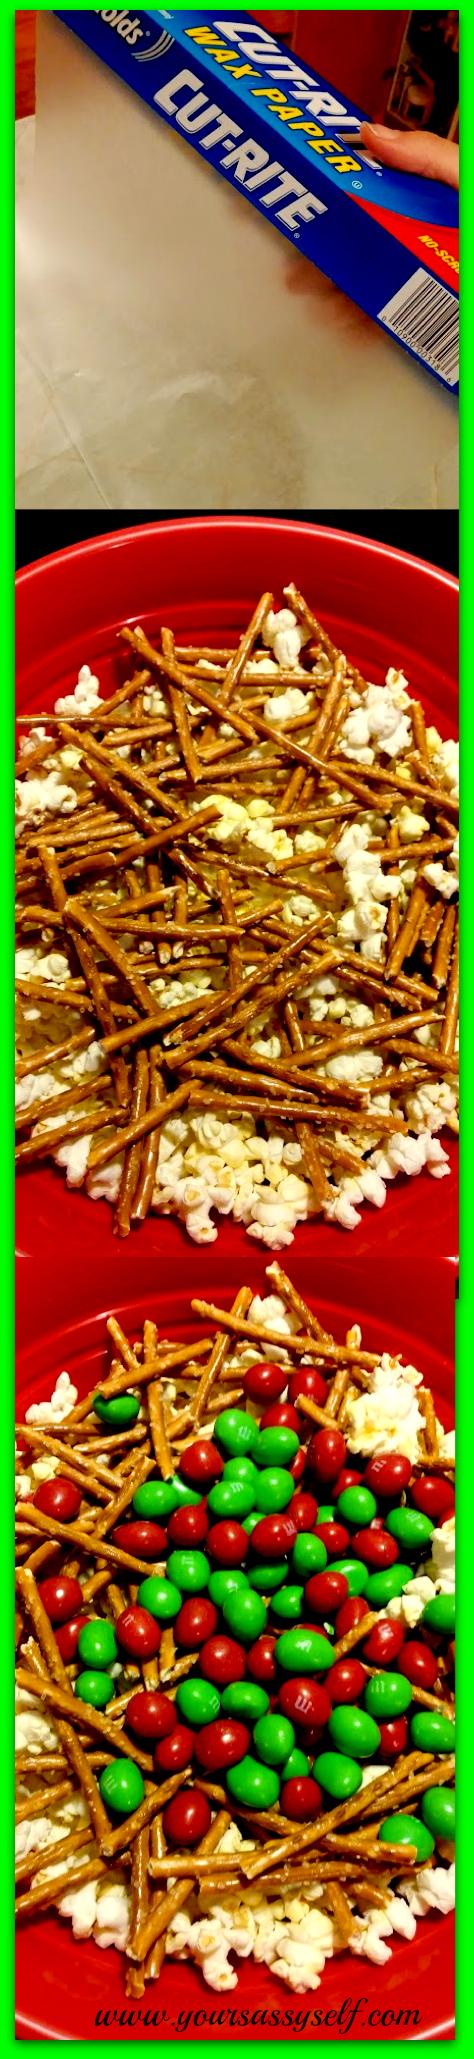 PopcornPrep-yoursassyself.com